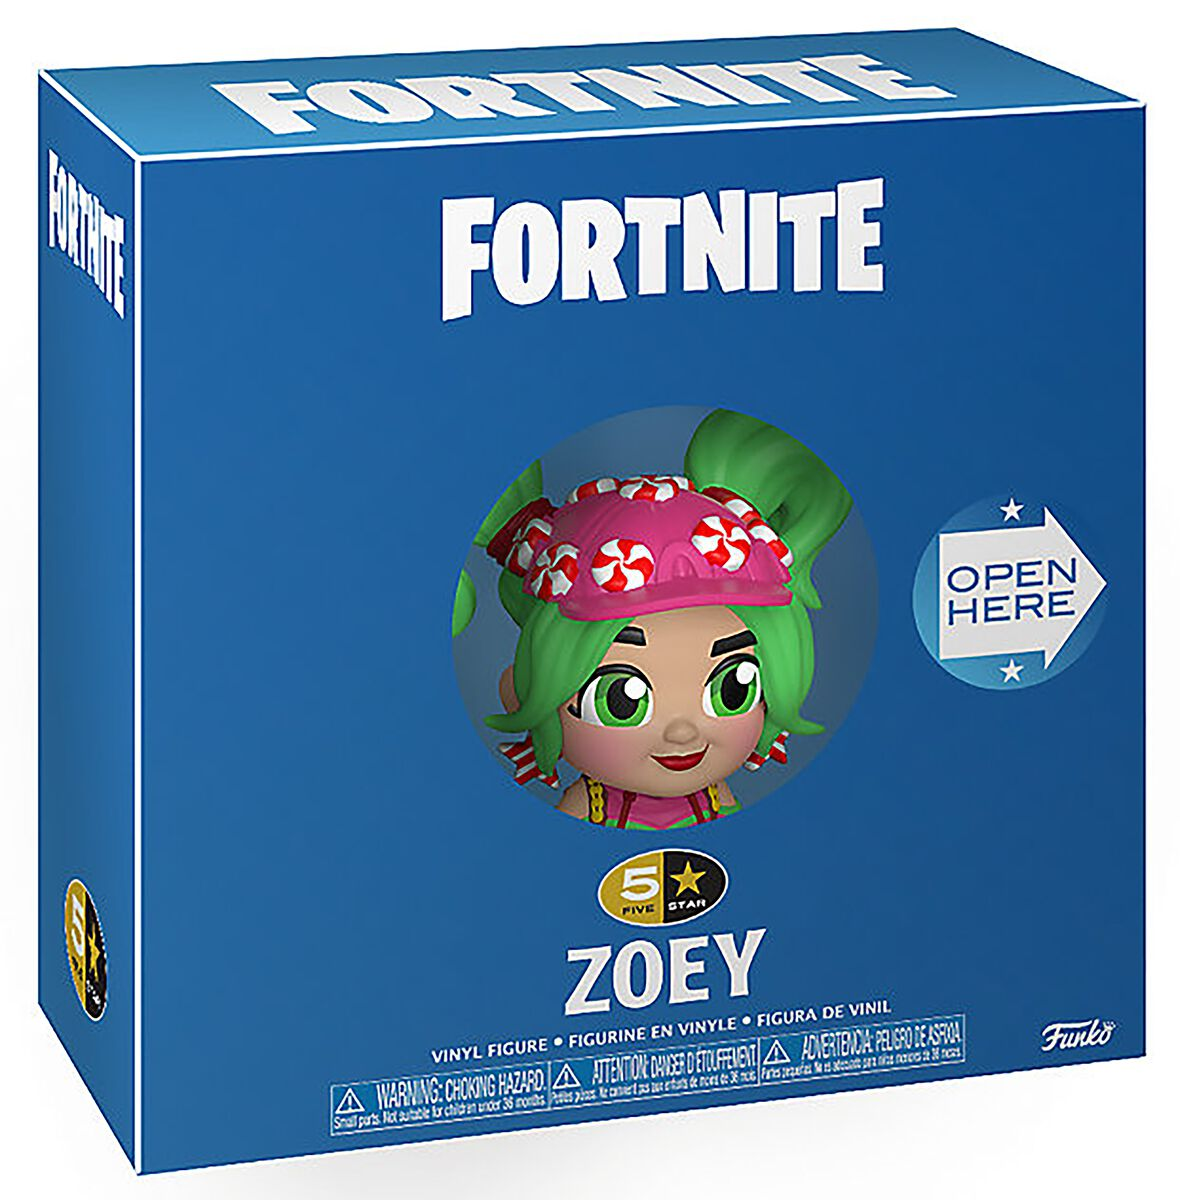 Fortnite Zoey - 5 Star Figur Funko 5 Star multicolor